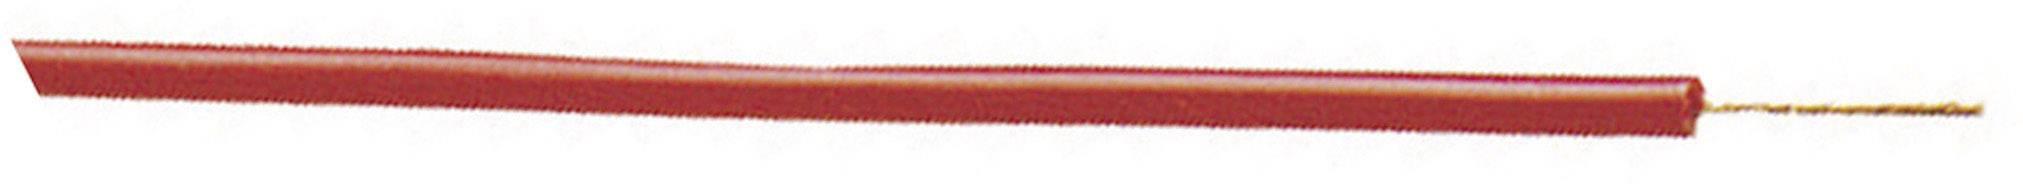 Opletenie / lanko Stäubli 61.7554-10023 SILI-E, 1 x 1 mm², vonkajší Ø 3 mm, metrový tovar, modrá